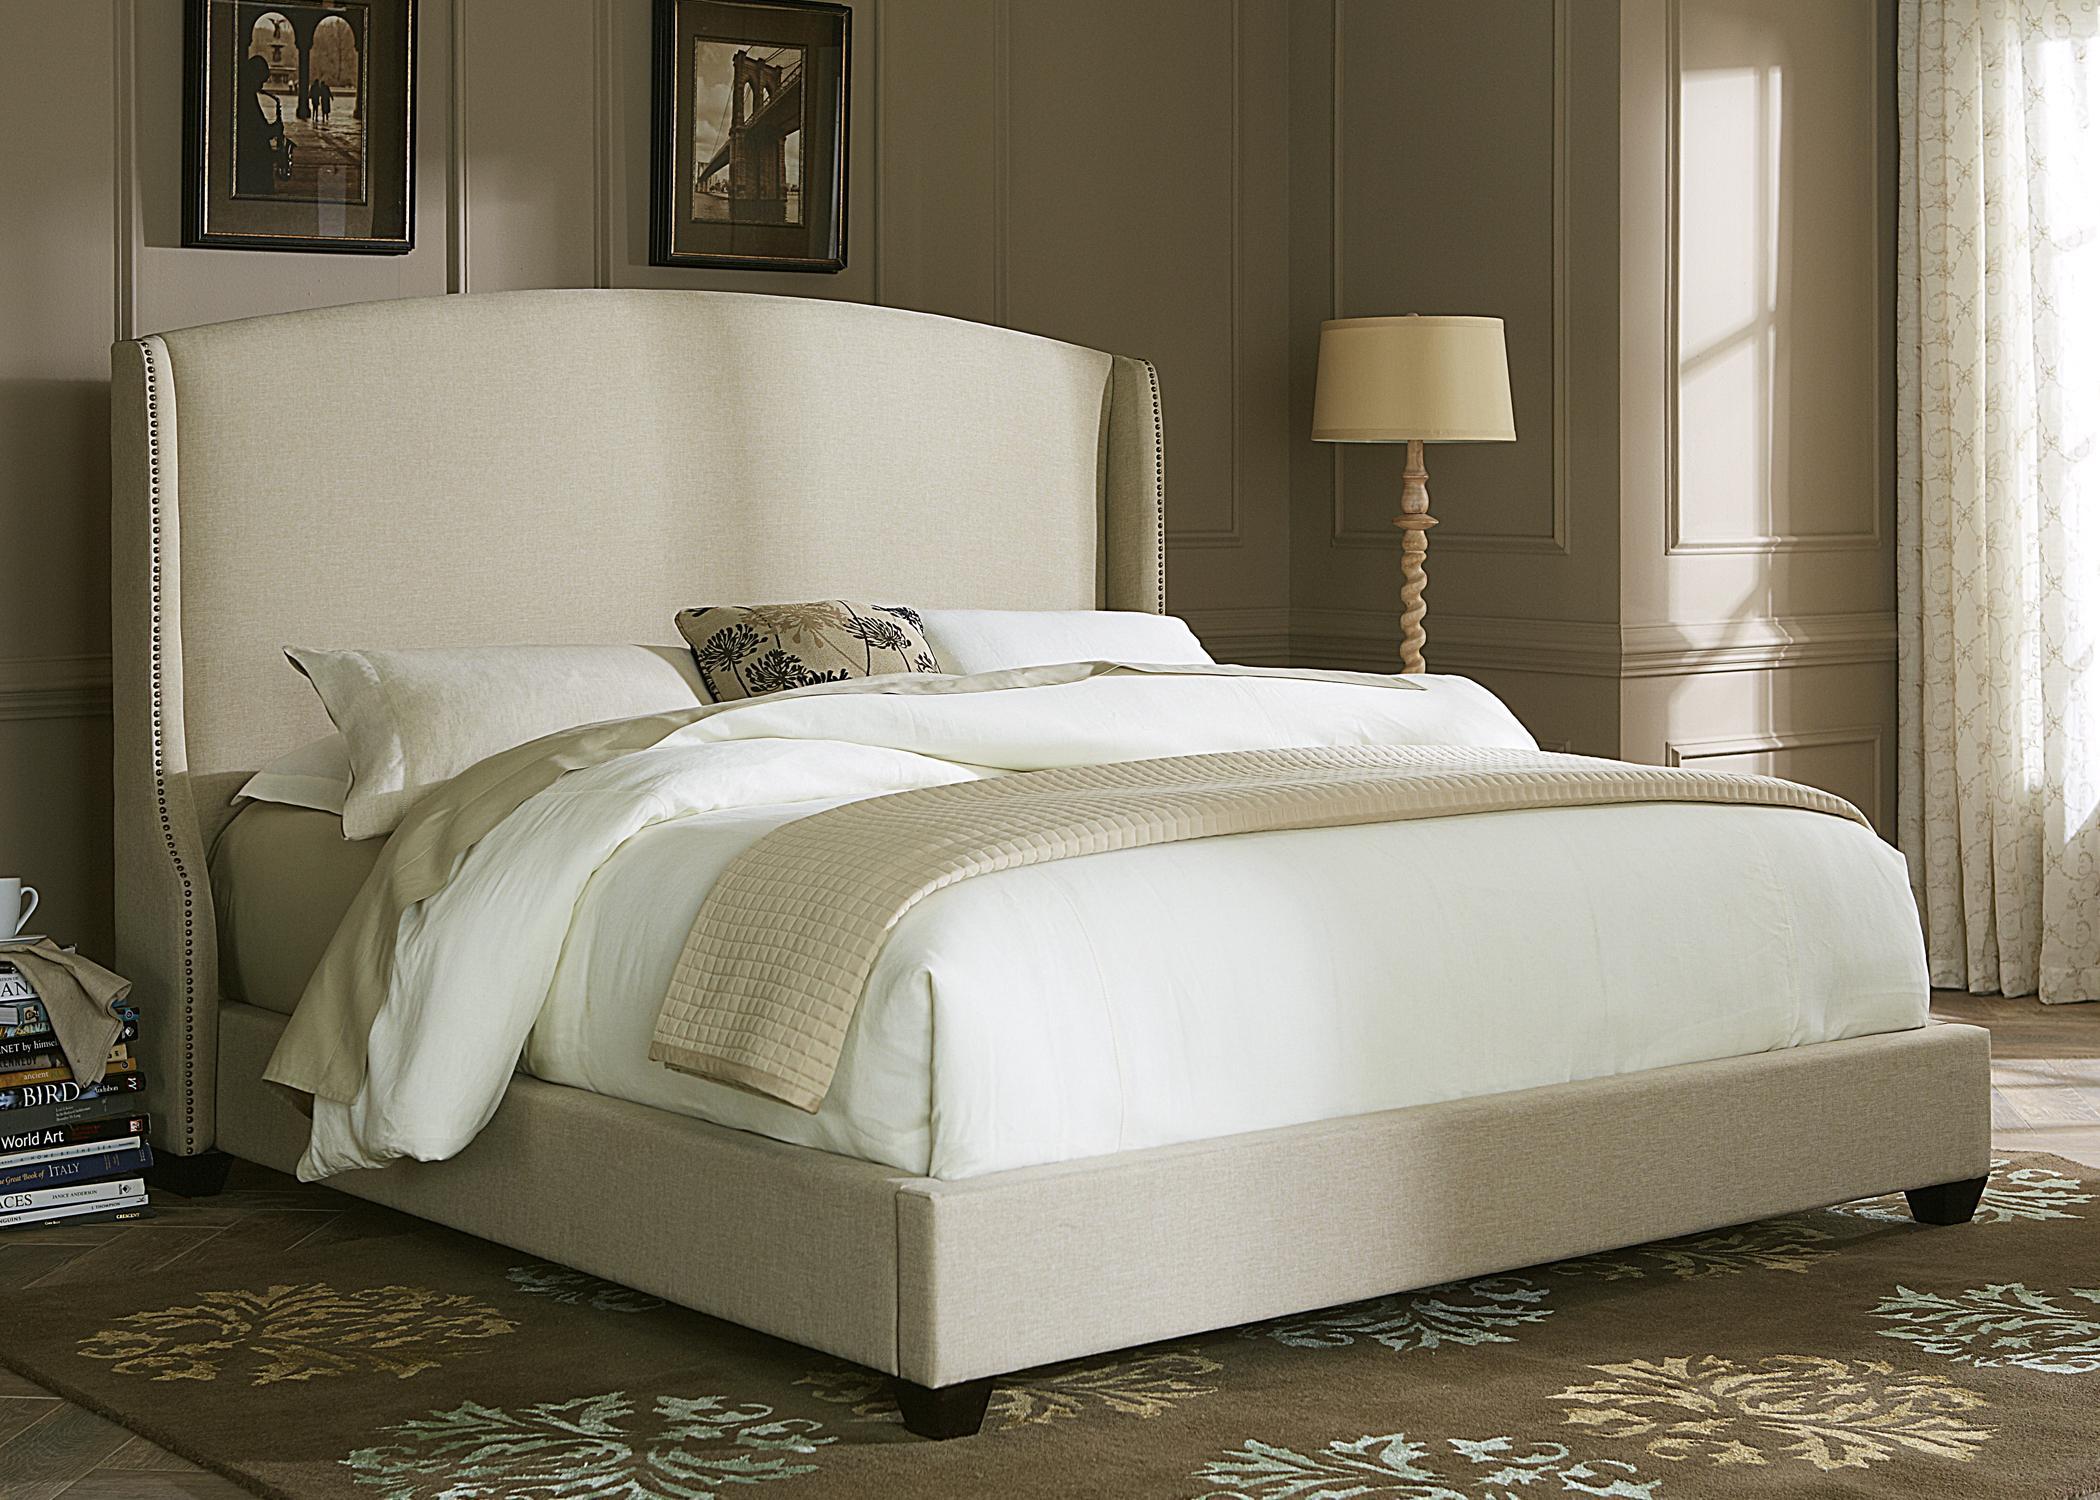 Liberty Furniture Upholstered Beds King Shelter Bed  - Item Number: 100-BR-SET165